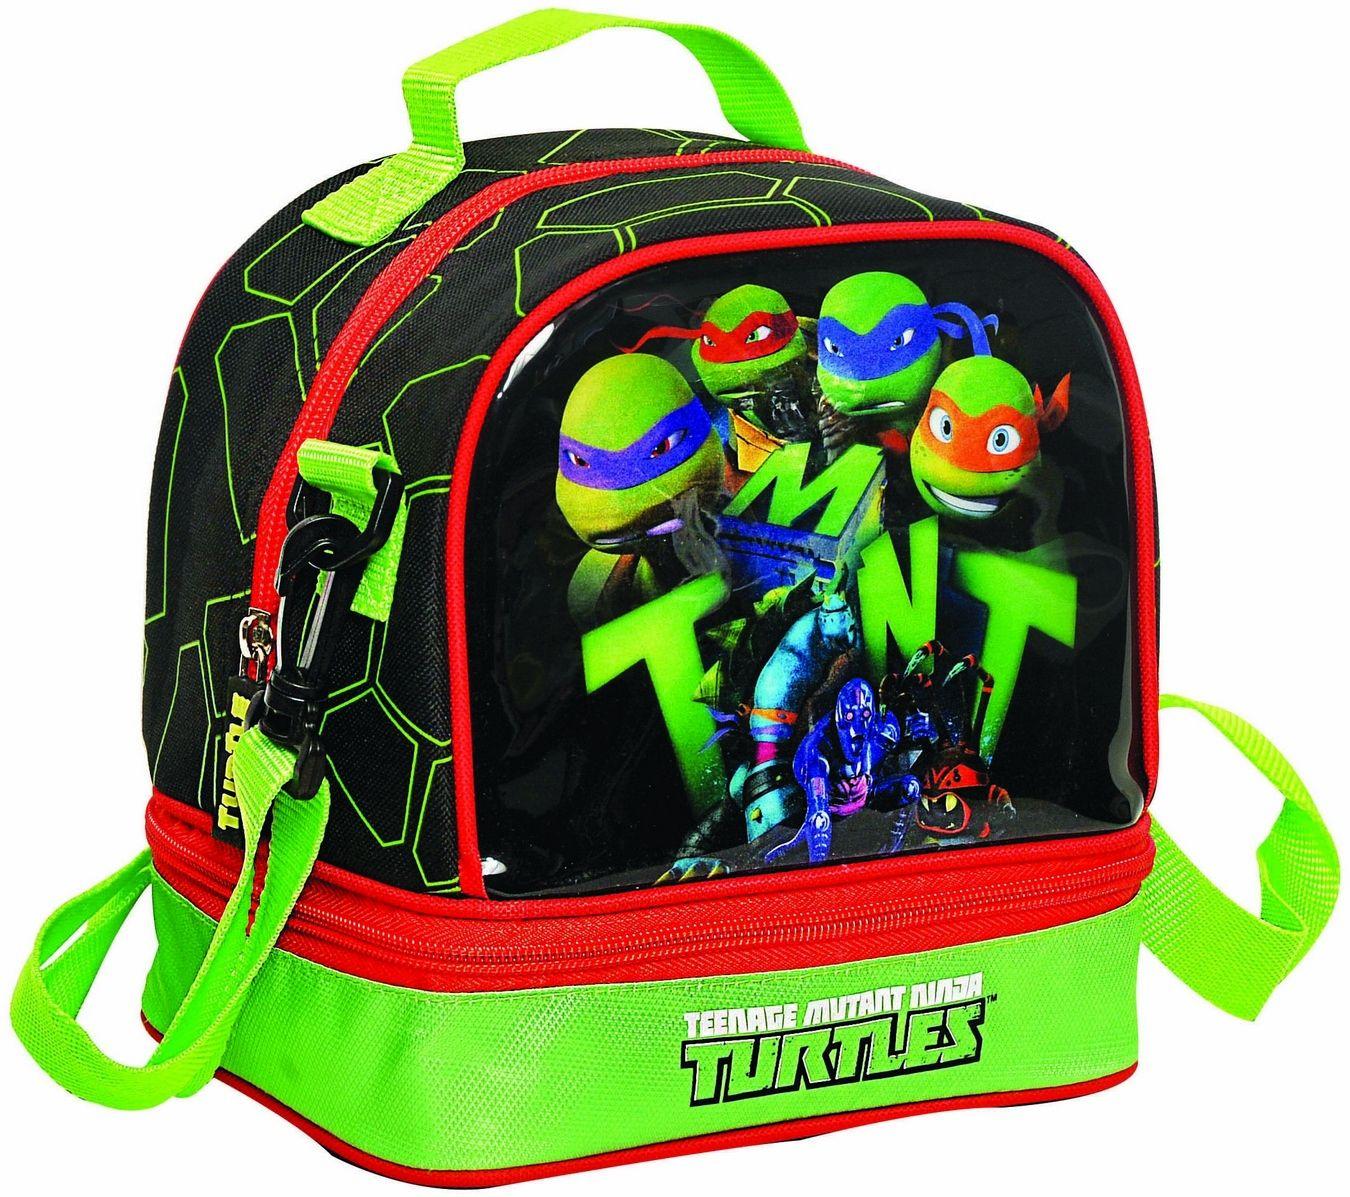 Τσαντακι Φαγητου Ninja Power Turtle Gim 334-08220 σχολικες τσαντες   τσάντες νηπιαγωγείου   για αγοράκια